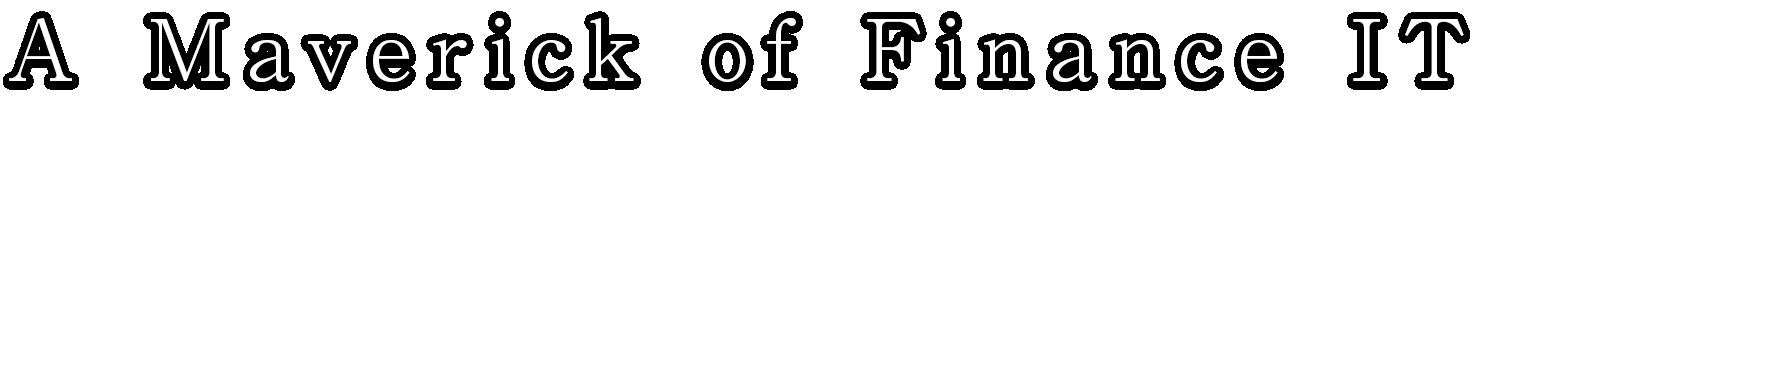 金融ITの異端児